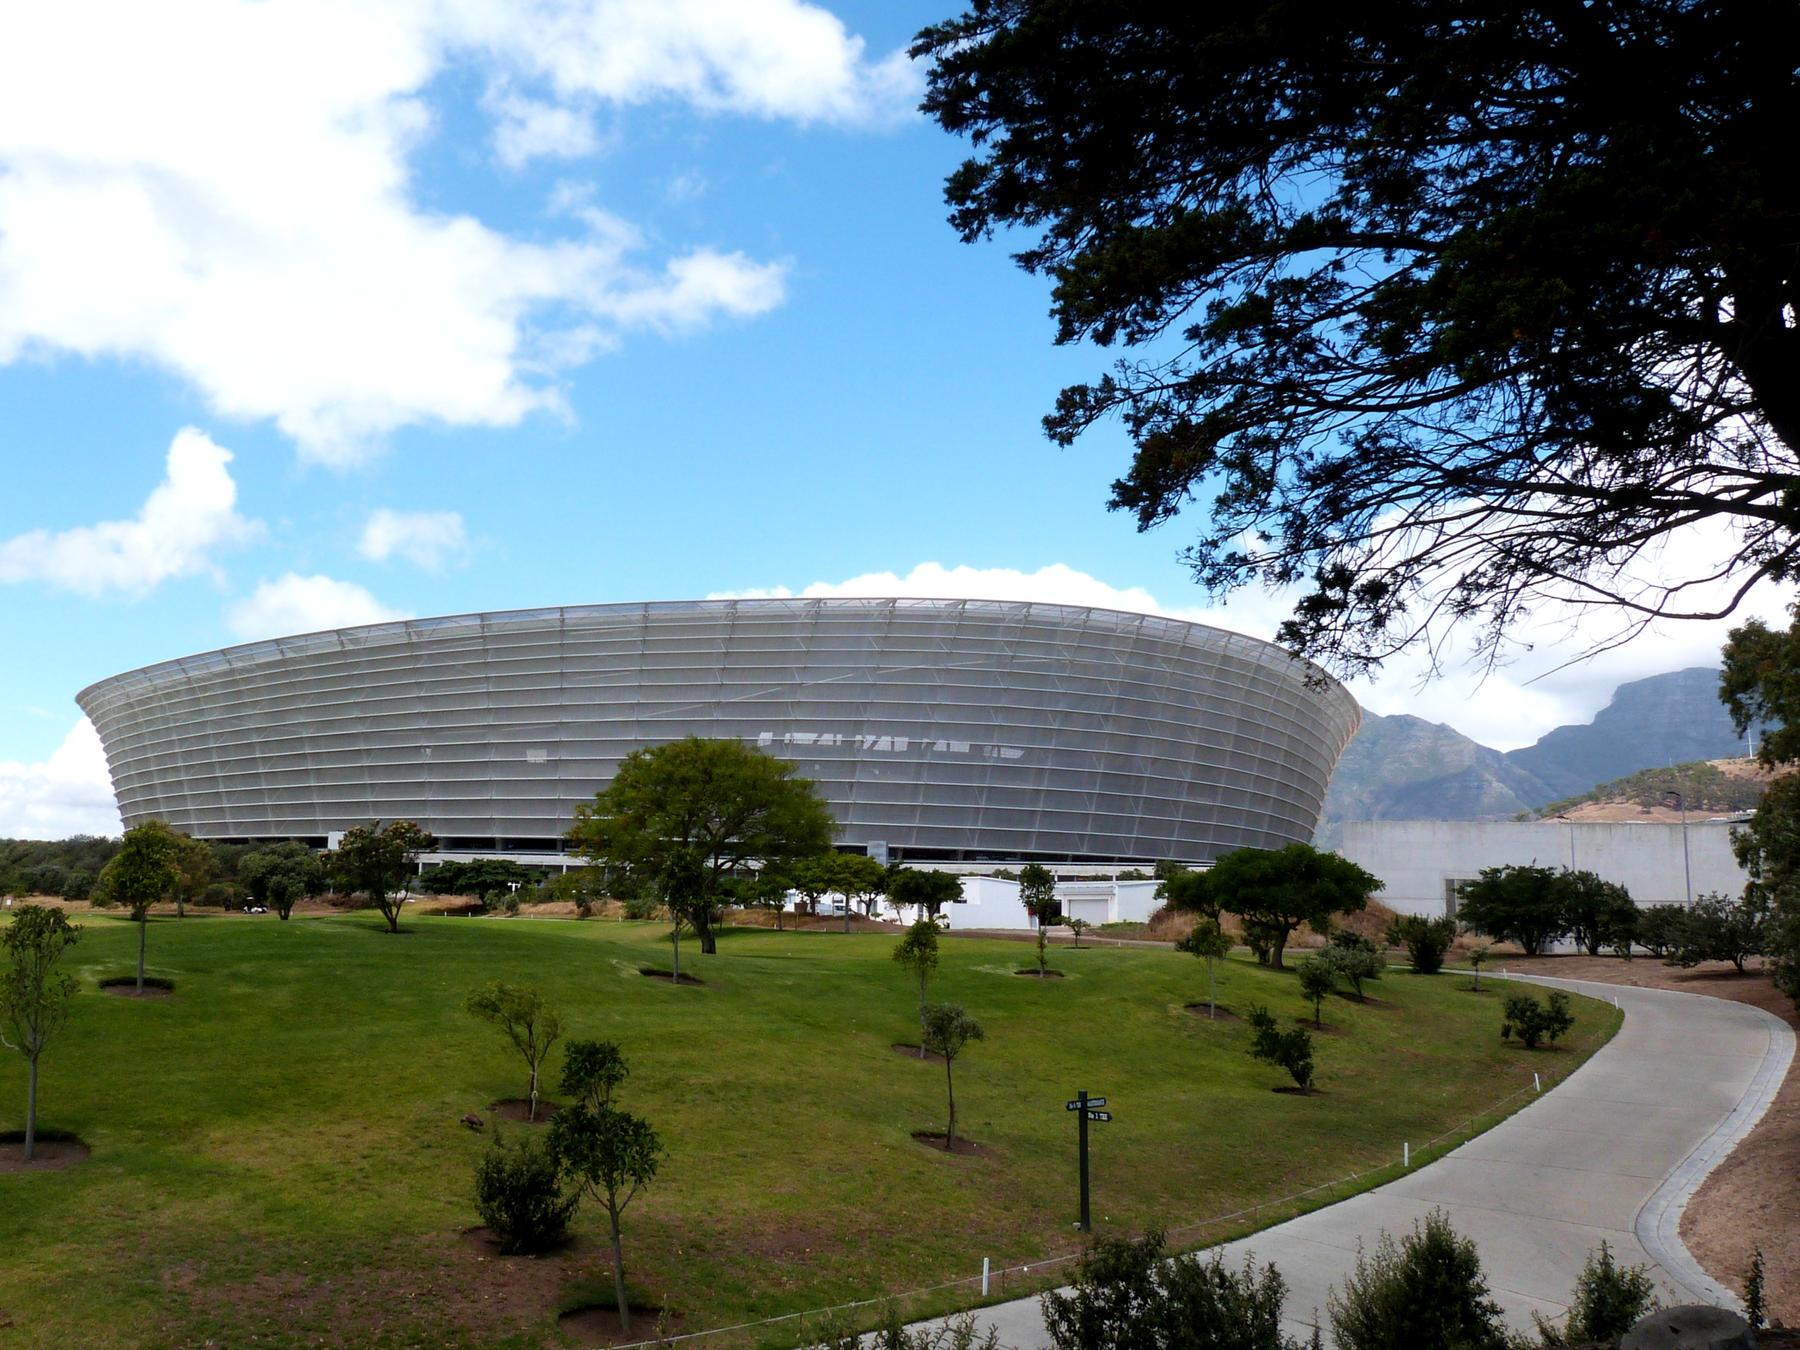 Roteiro-Cidade-do-Cabo-4-a-7-dias-cape-town-stadium Roteiro Cidade do Cabo 4 a 7 dias (Sensacional)!